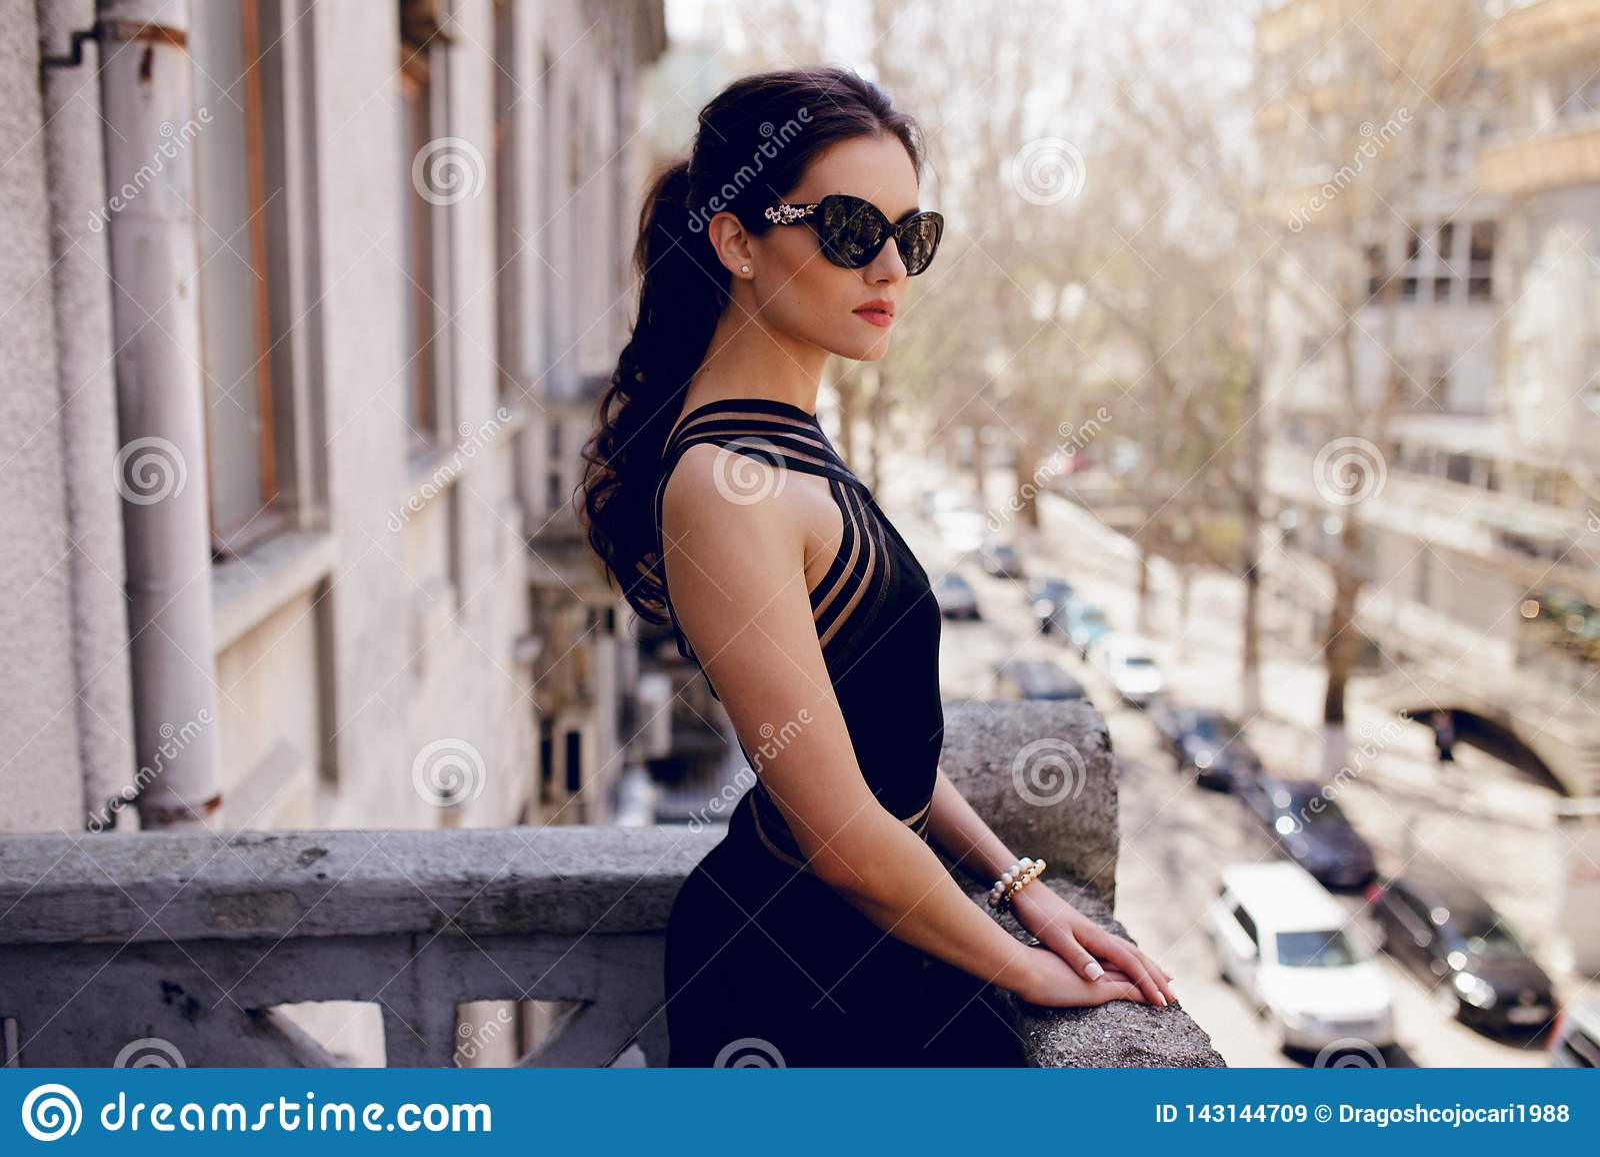 A mulher forte, elegante em óculos de sol pretos, vestido preto  sexy , rabo de cavalo do cabelo, olha com atitude no balcão